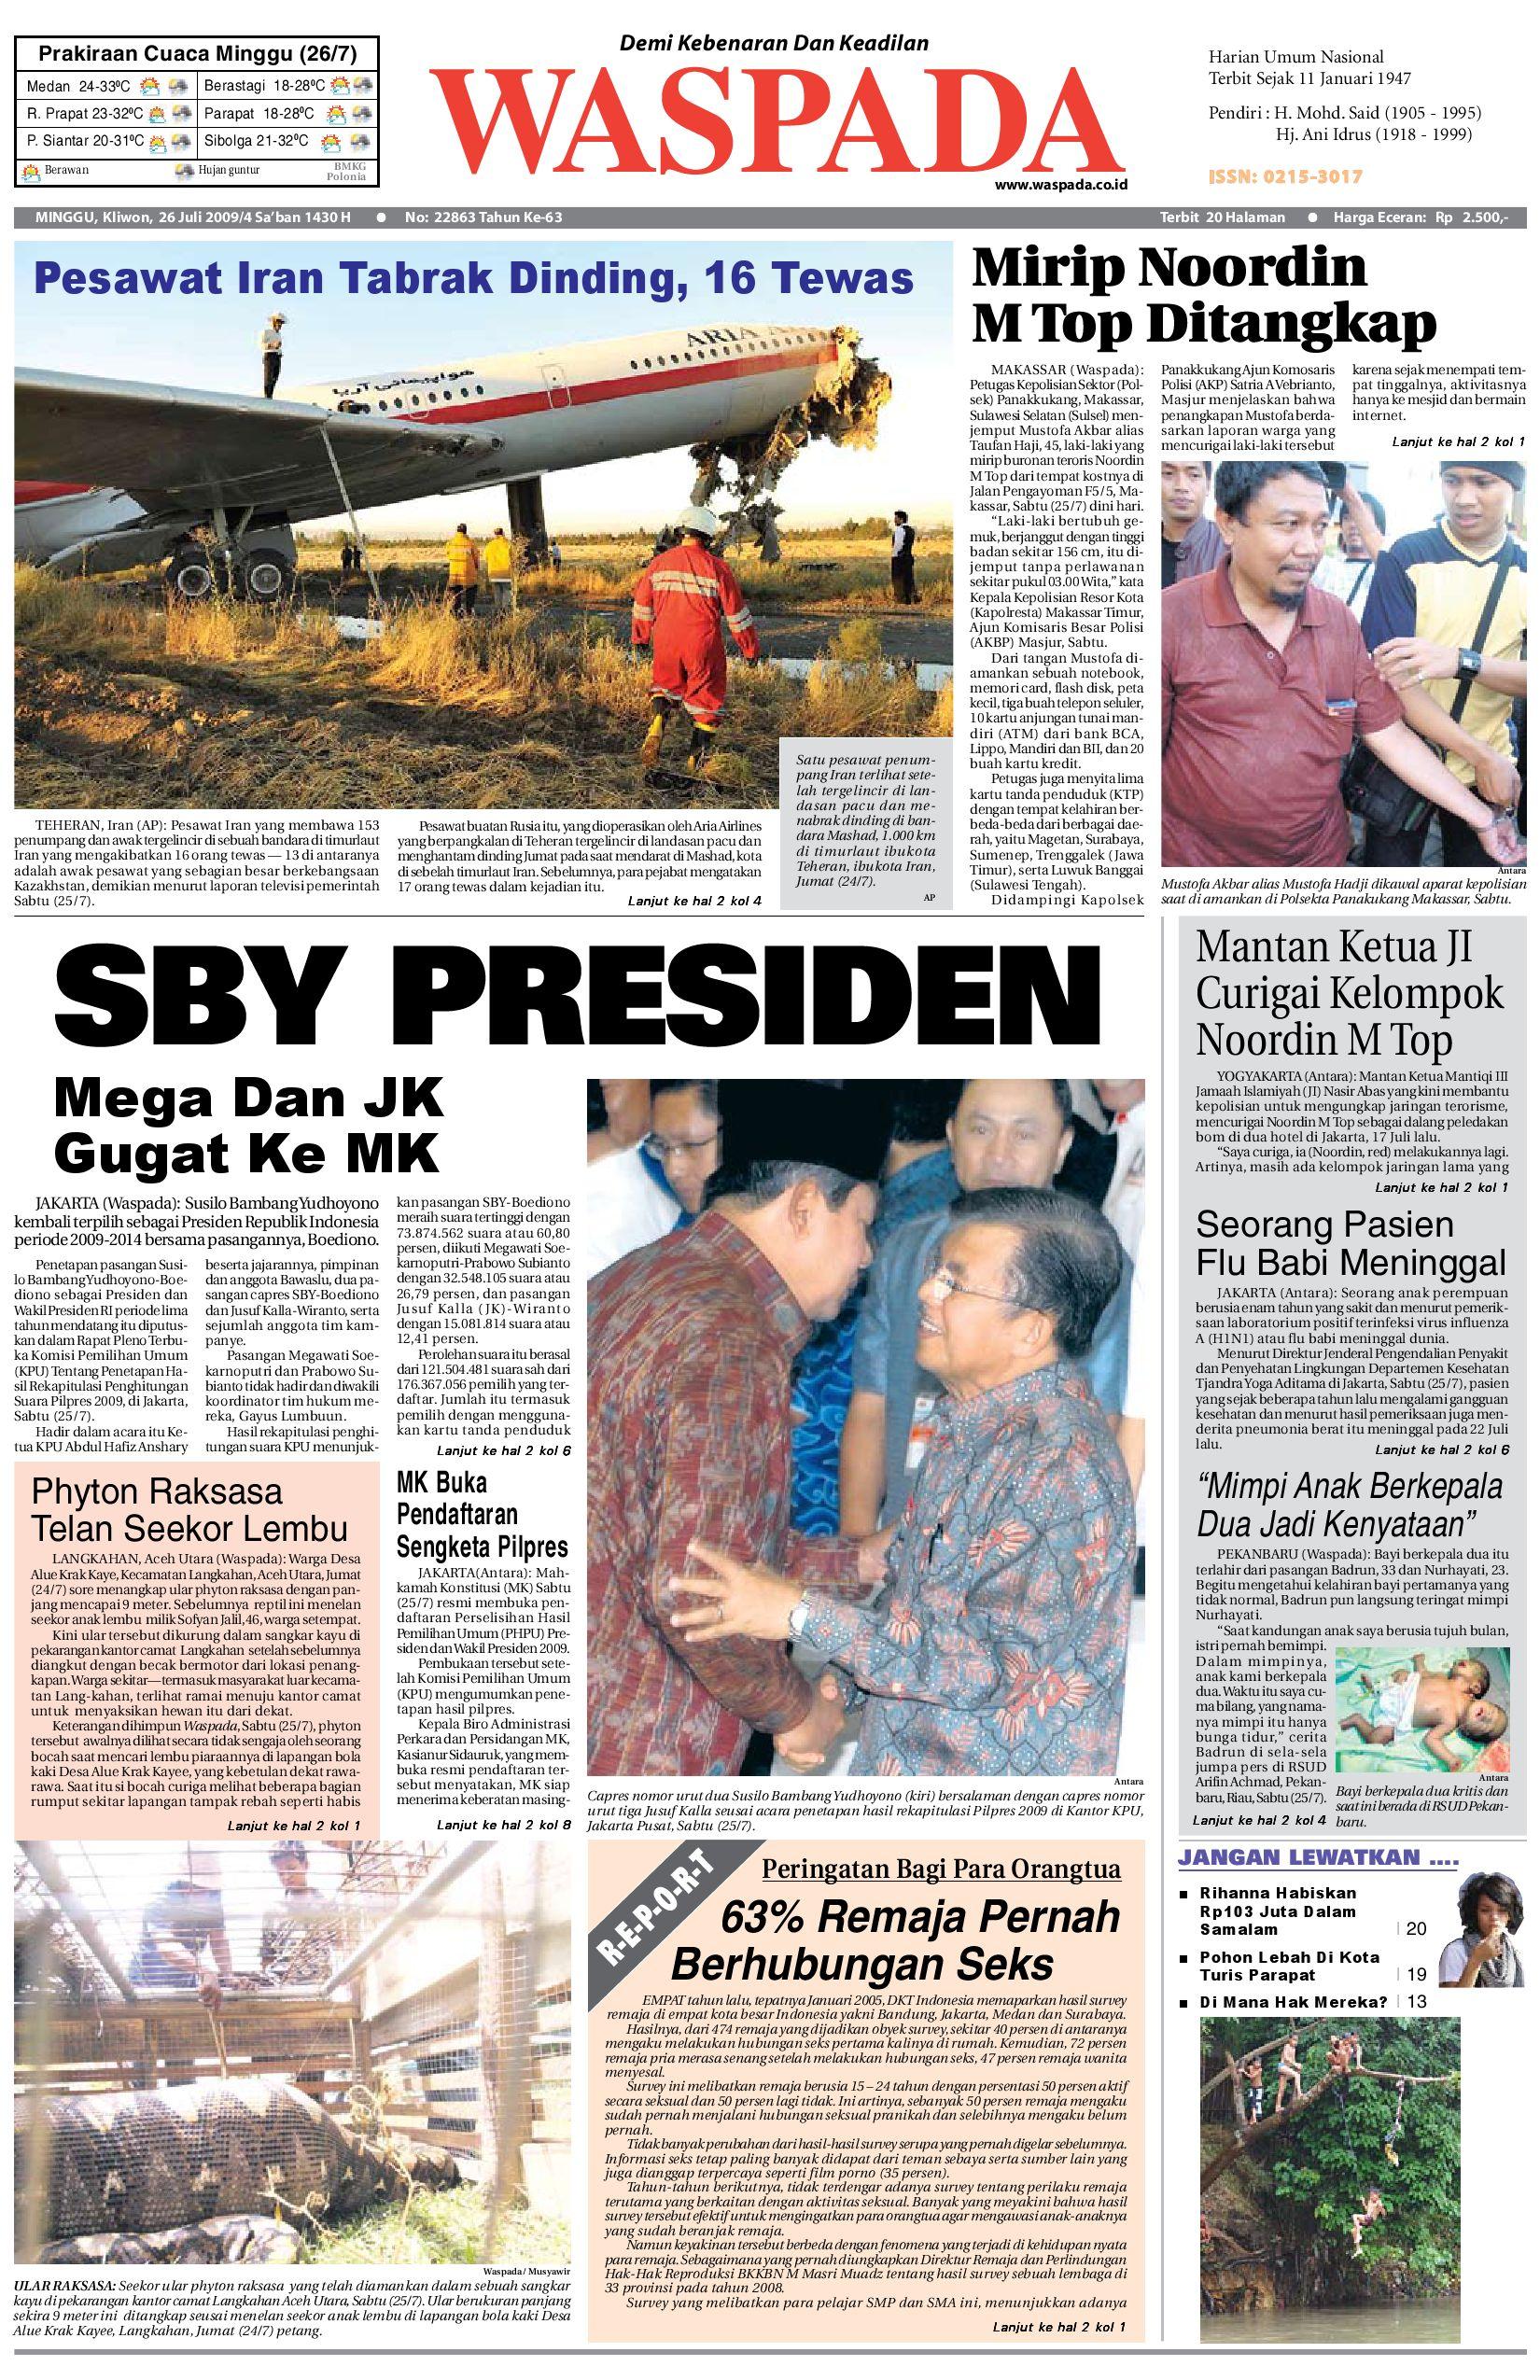 Waspada Daily By Harian Issuu Krezi Kamis 29 Jam Tangan Usb Mancis Keren